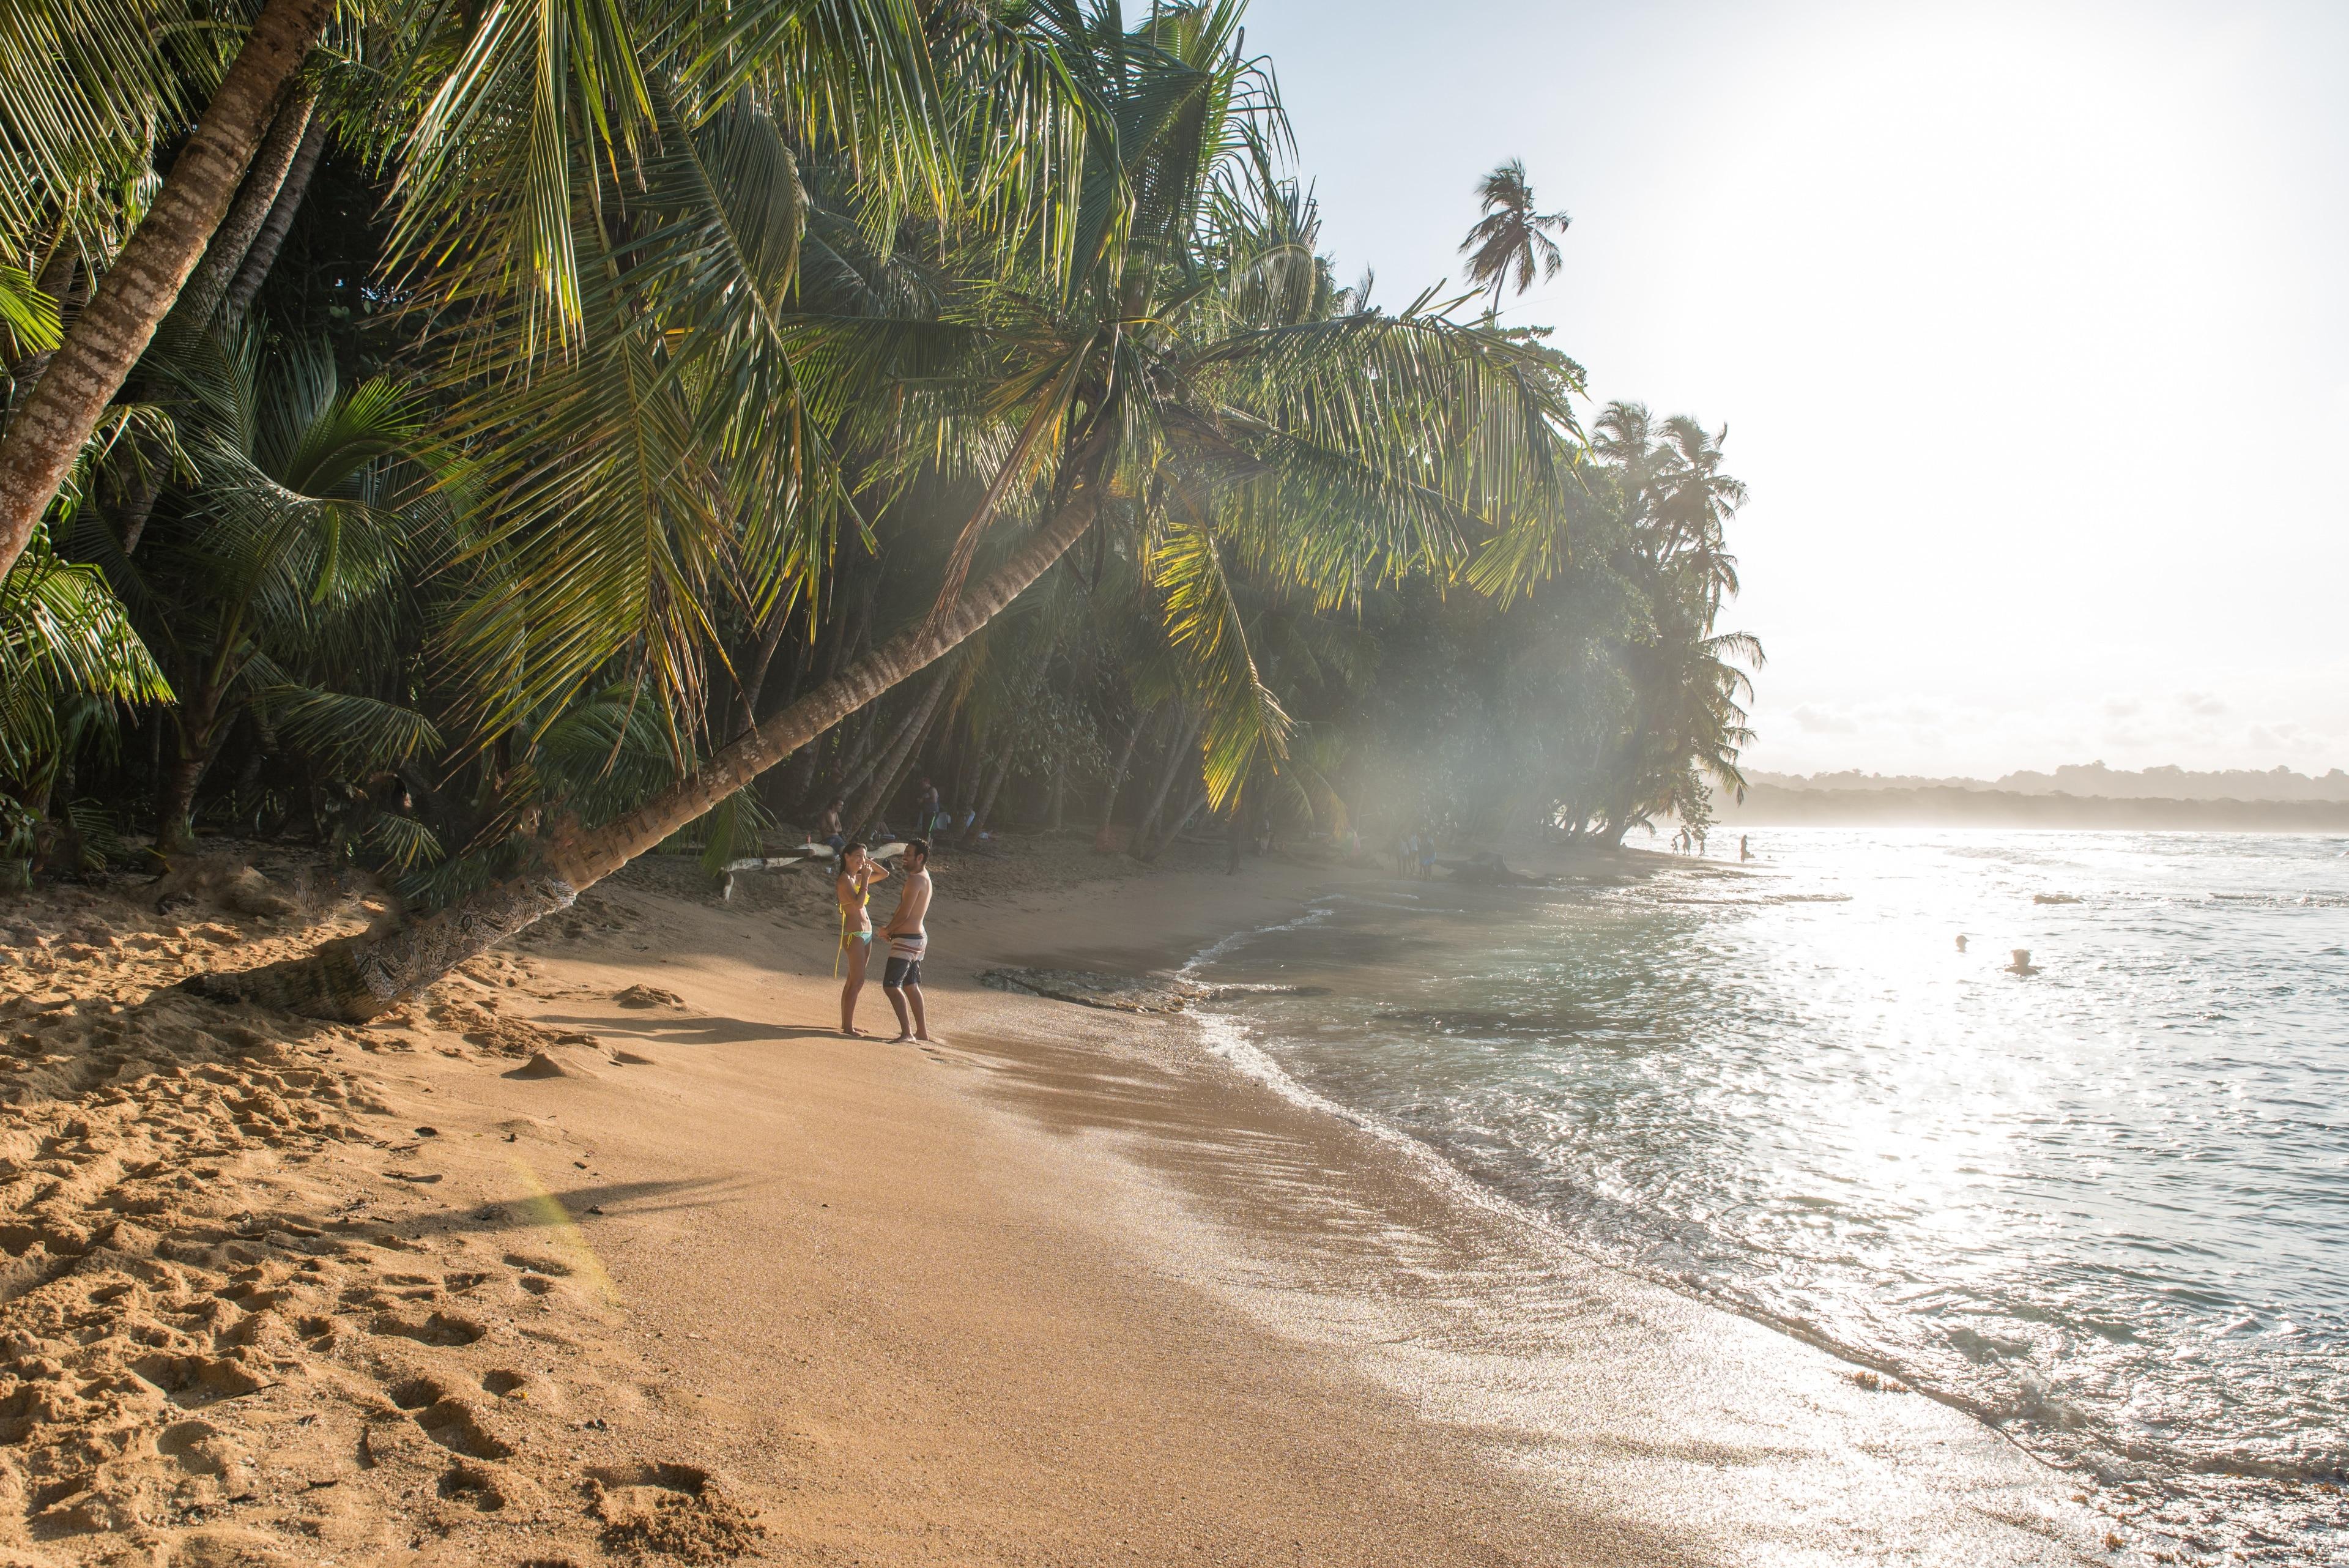 Limon Province, Costa Rica